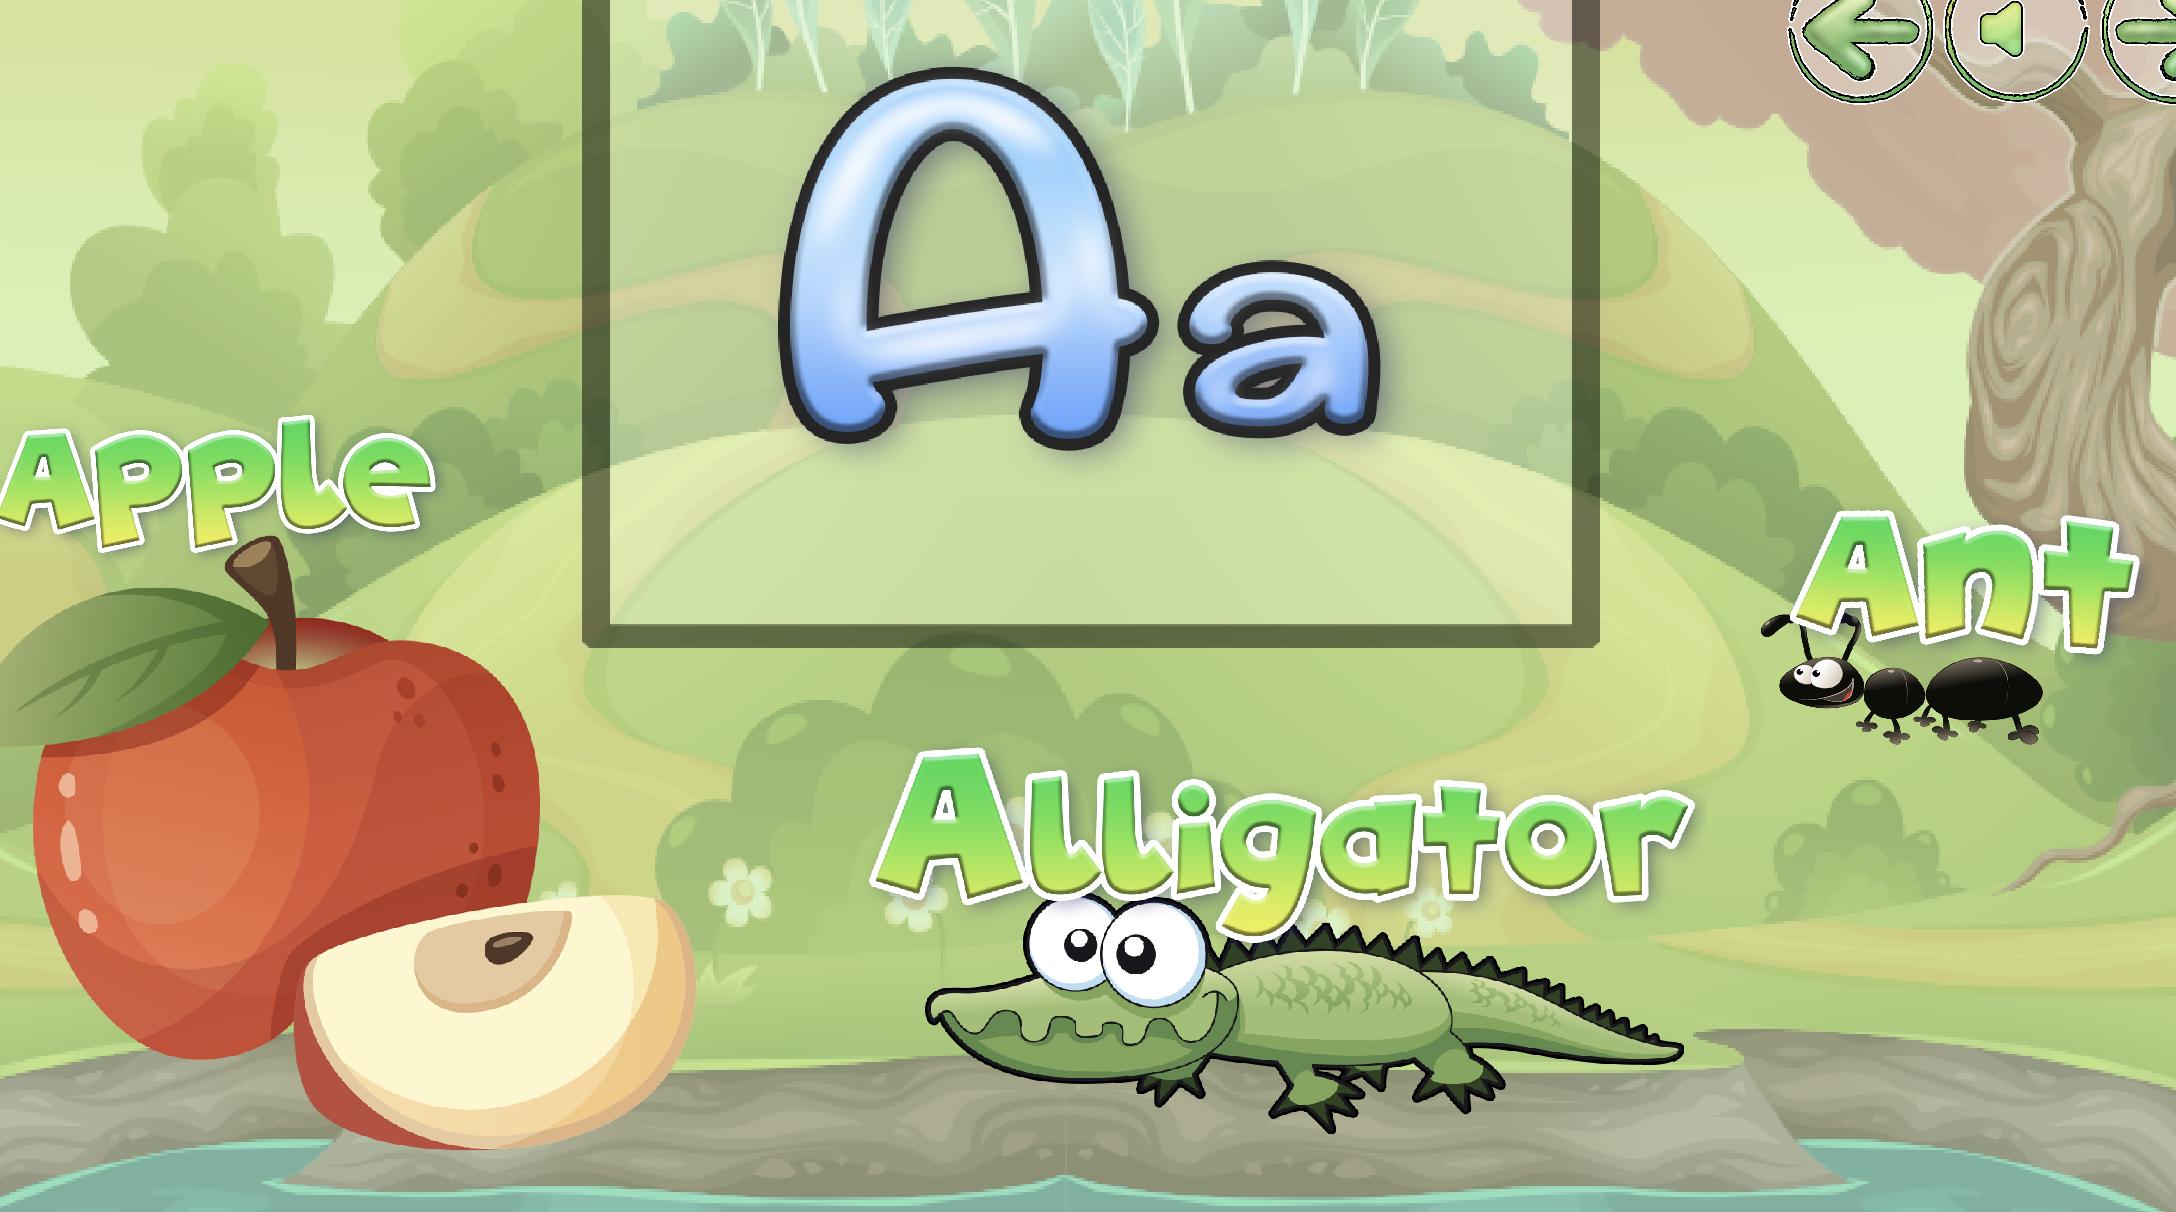 Image ABC alphabet Learning